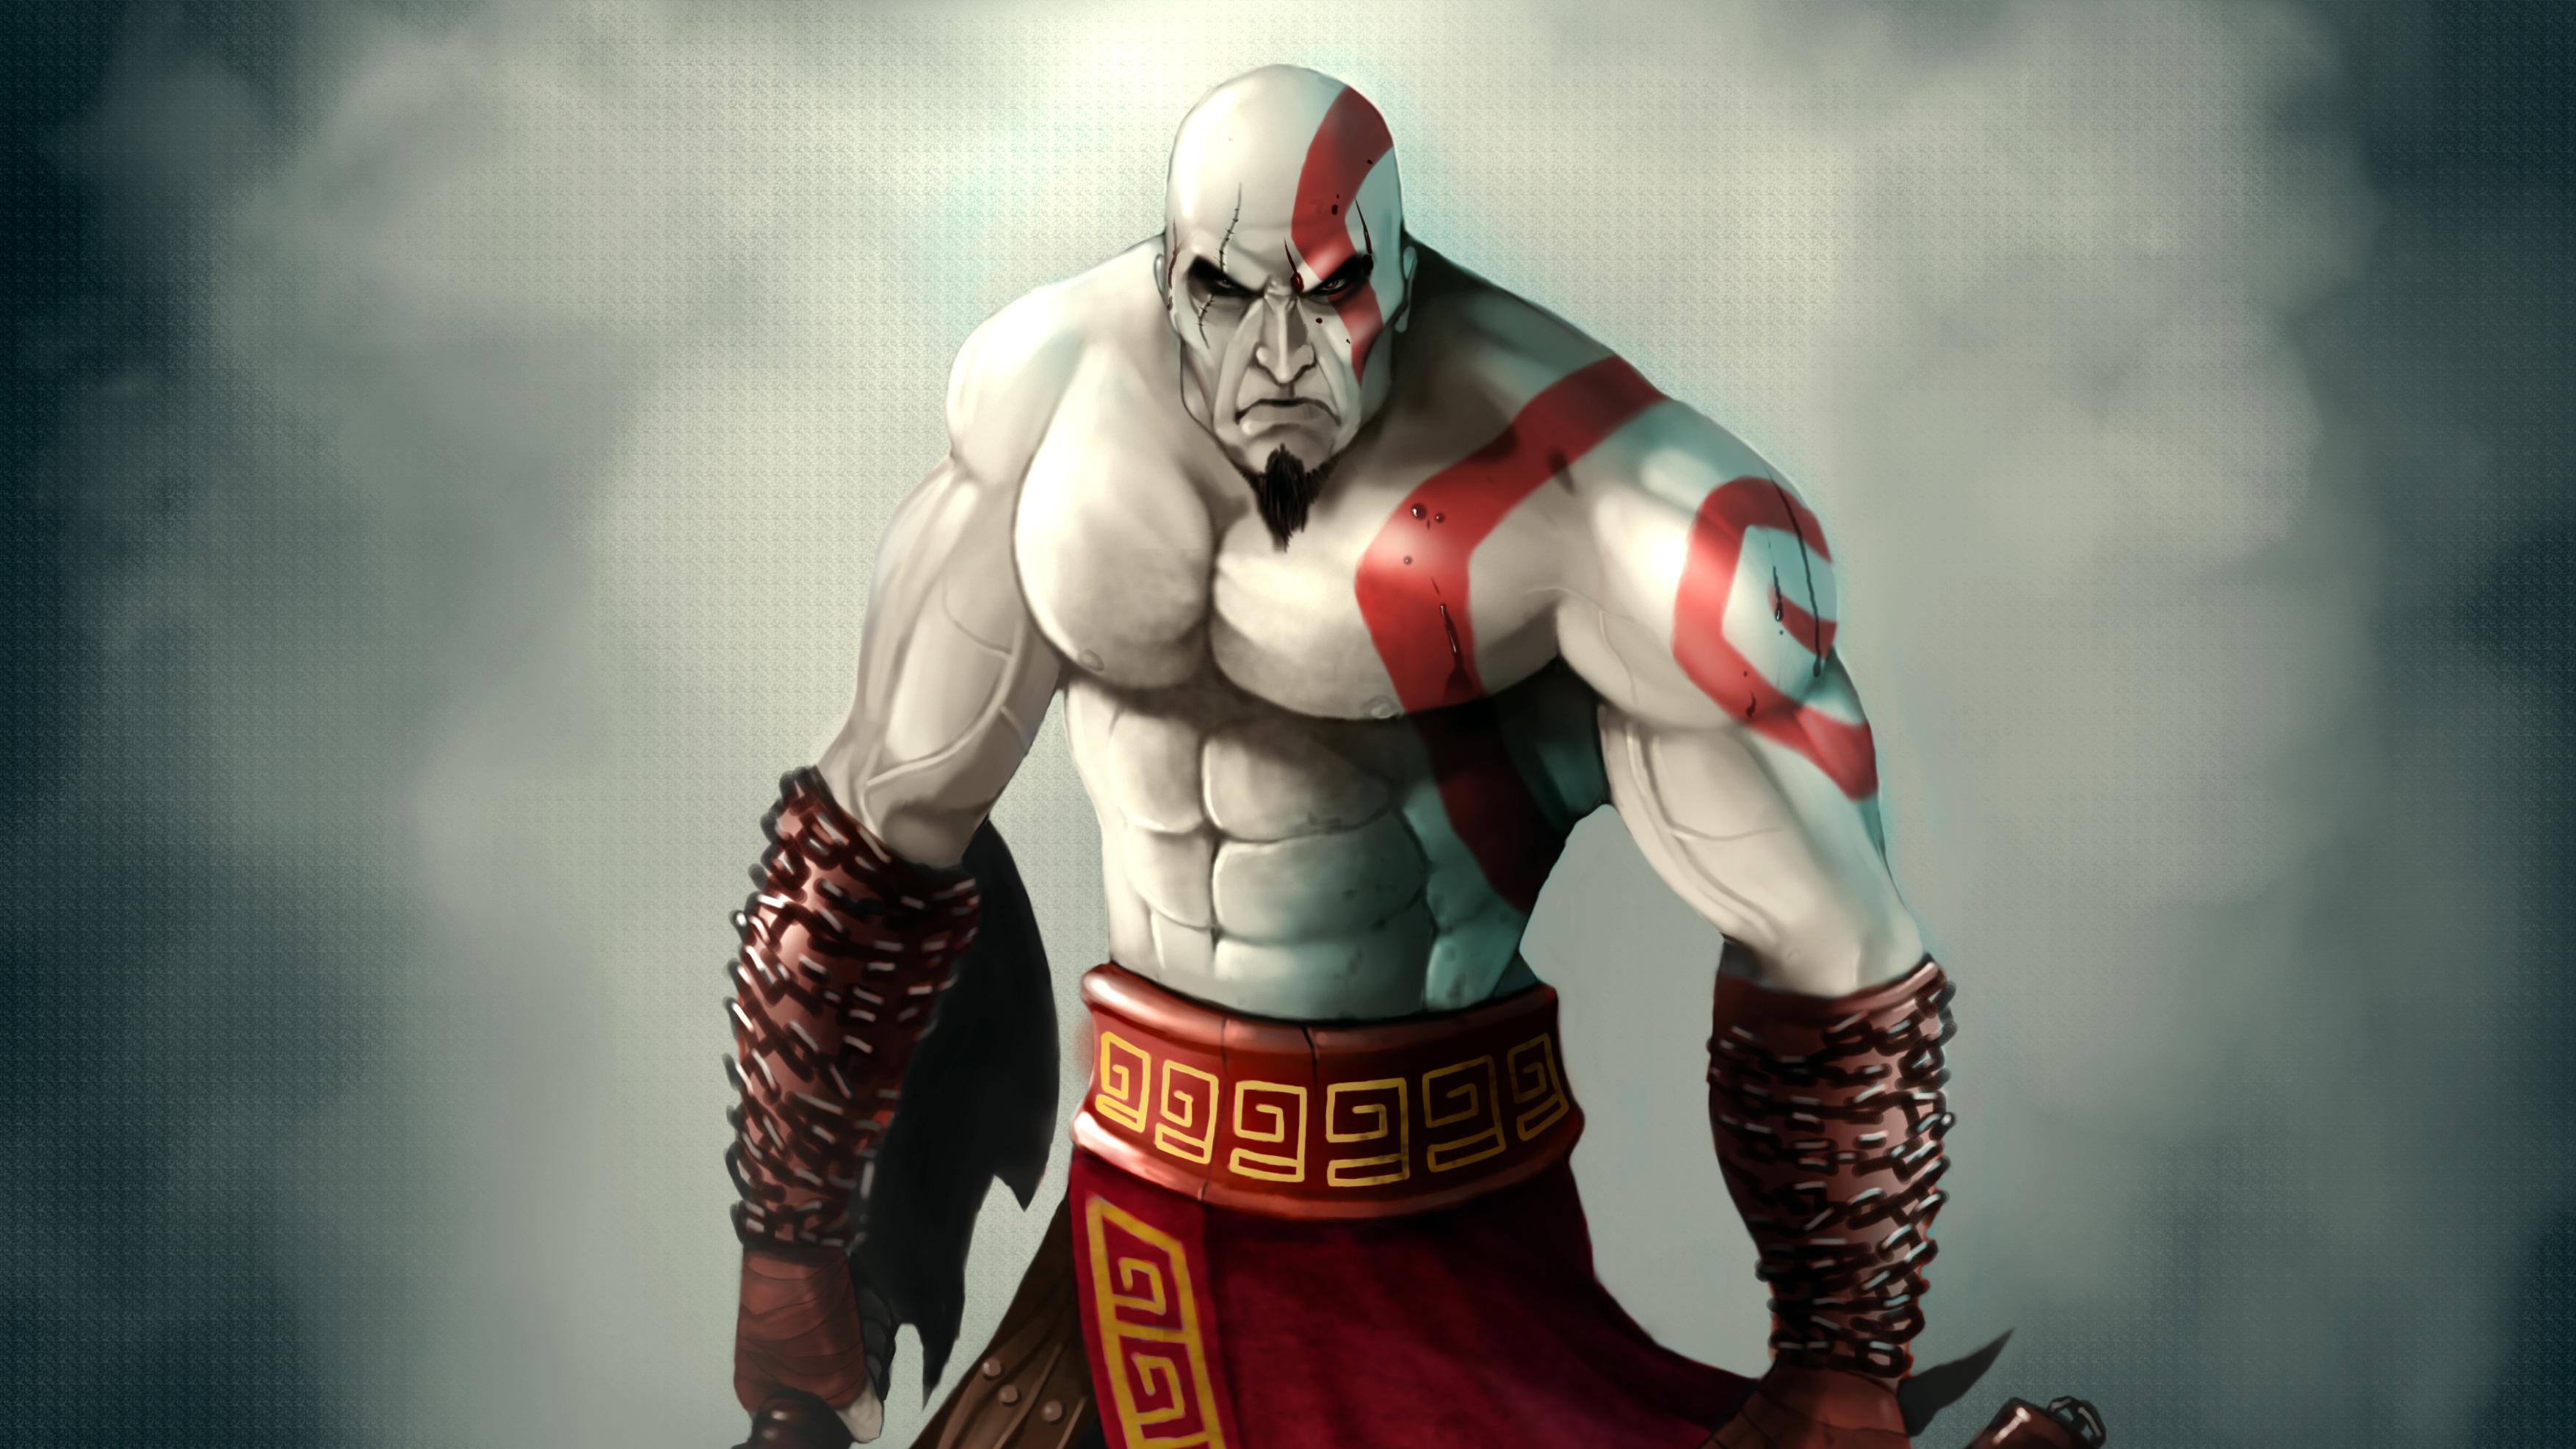 1680x1050 Kratos God Of War 4k Art 1680x1050 Resolution Hd